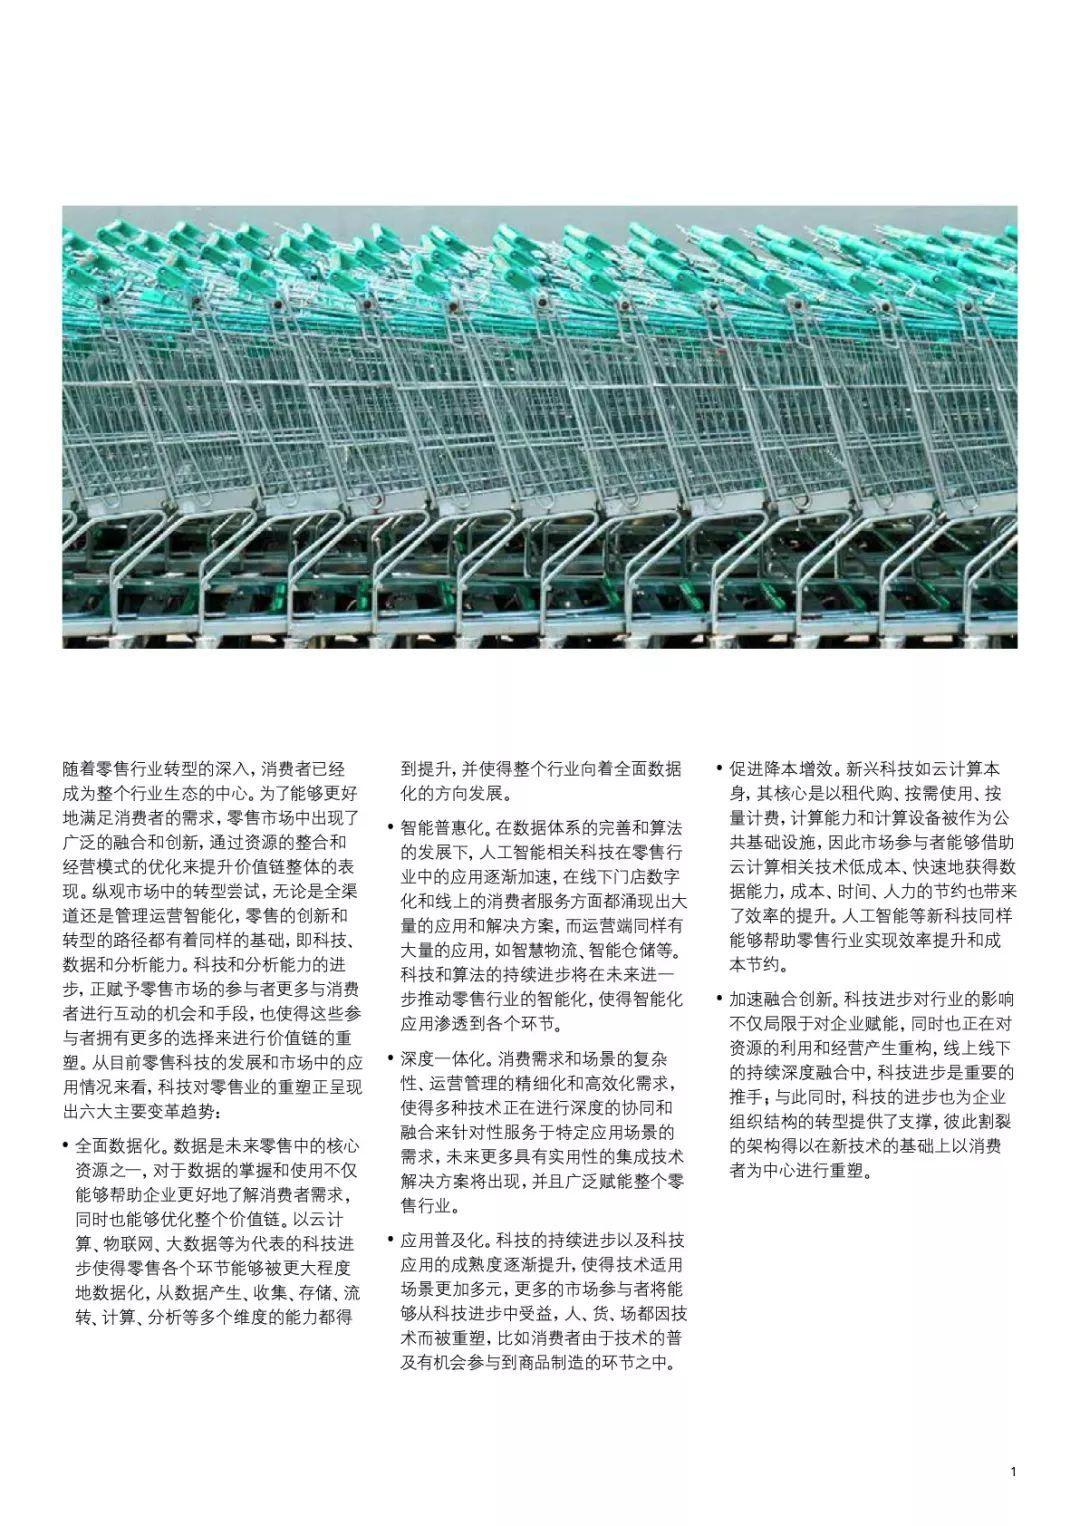 阿里研究院:科技重塑零售业六大变革趋势